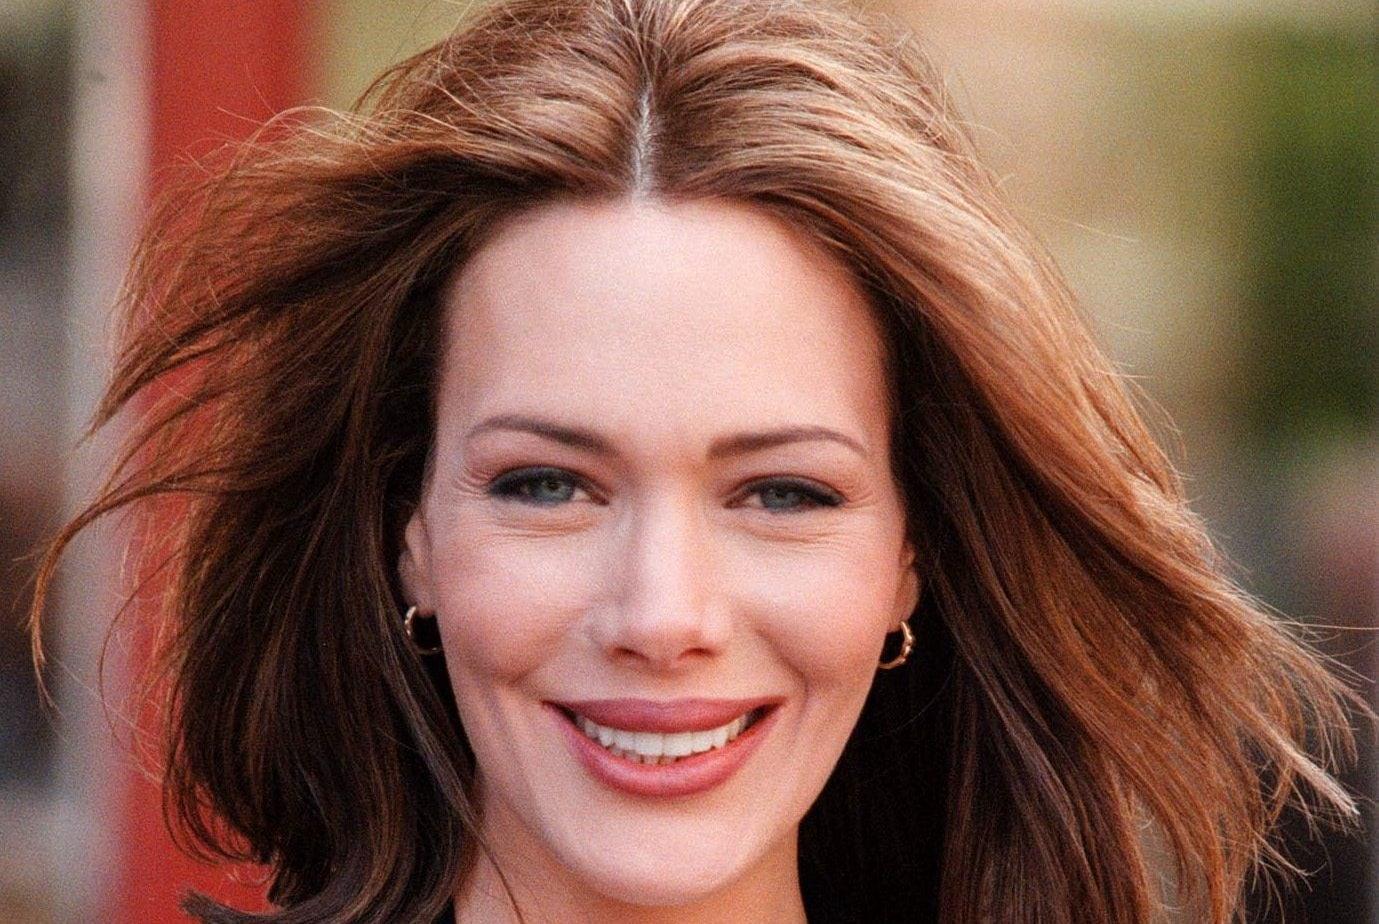 L'attrice negli anni '90